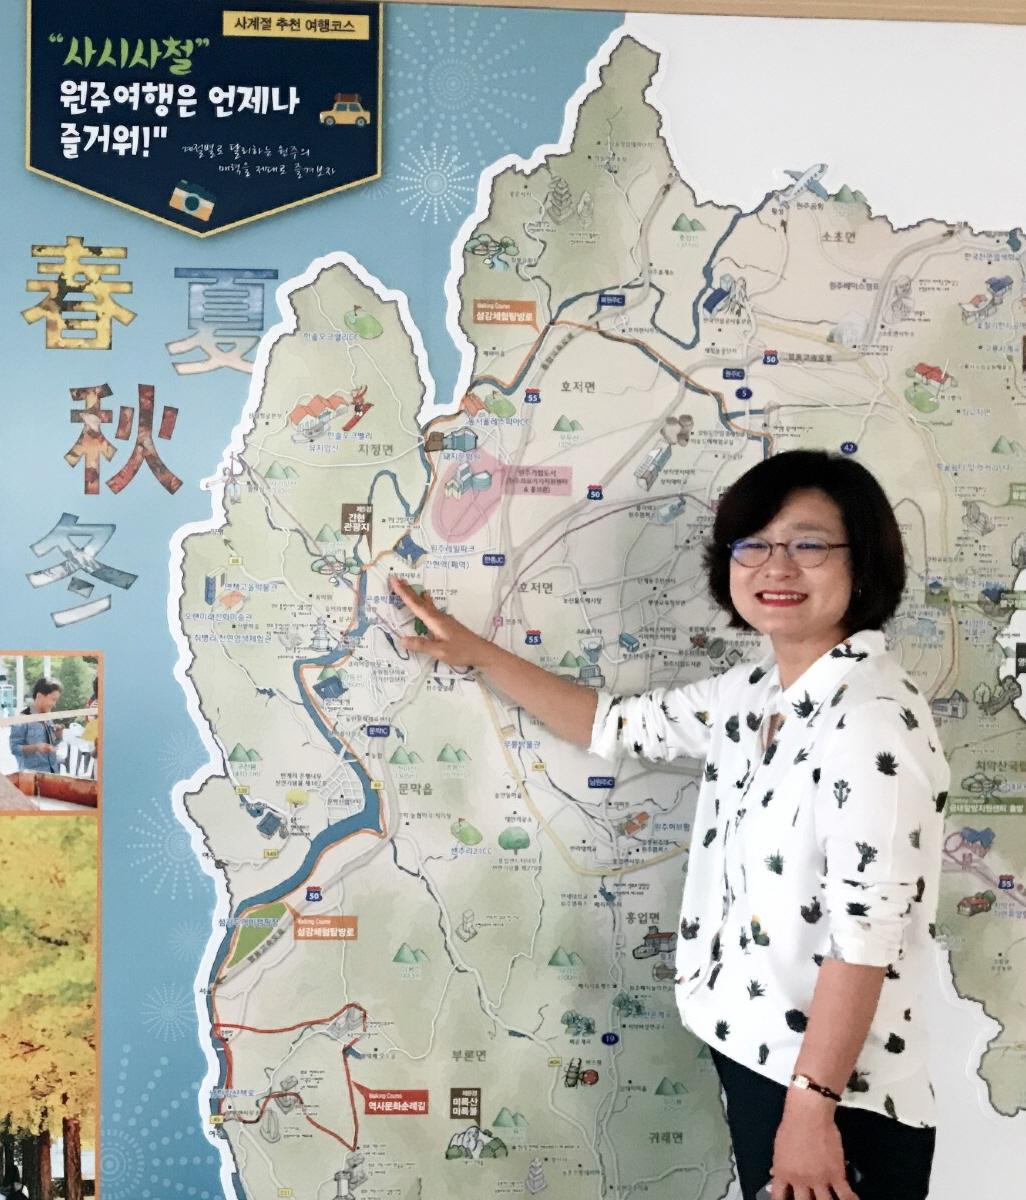 조은희 주무관이 원주여행지도를 가리키며 서 있다